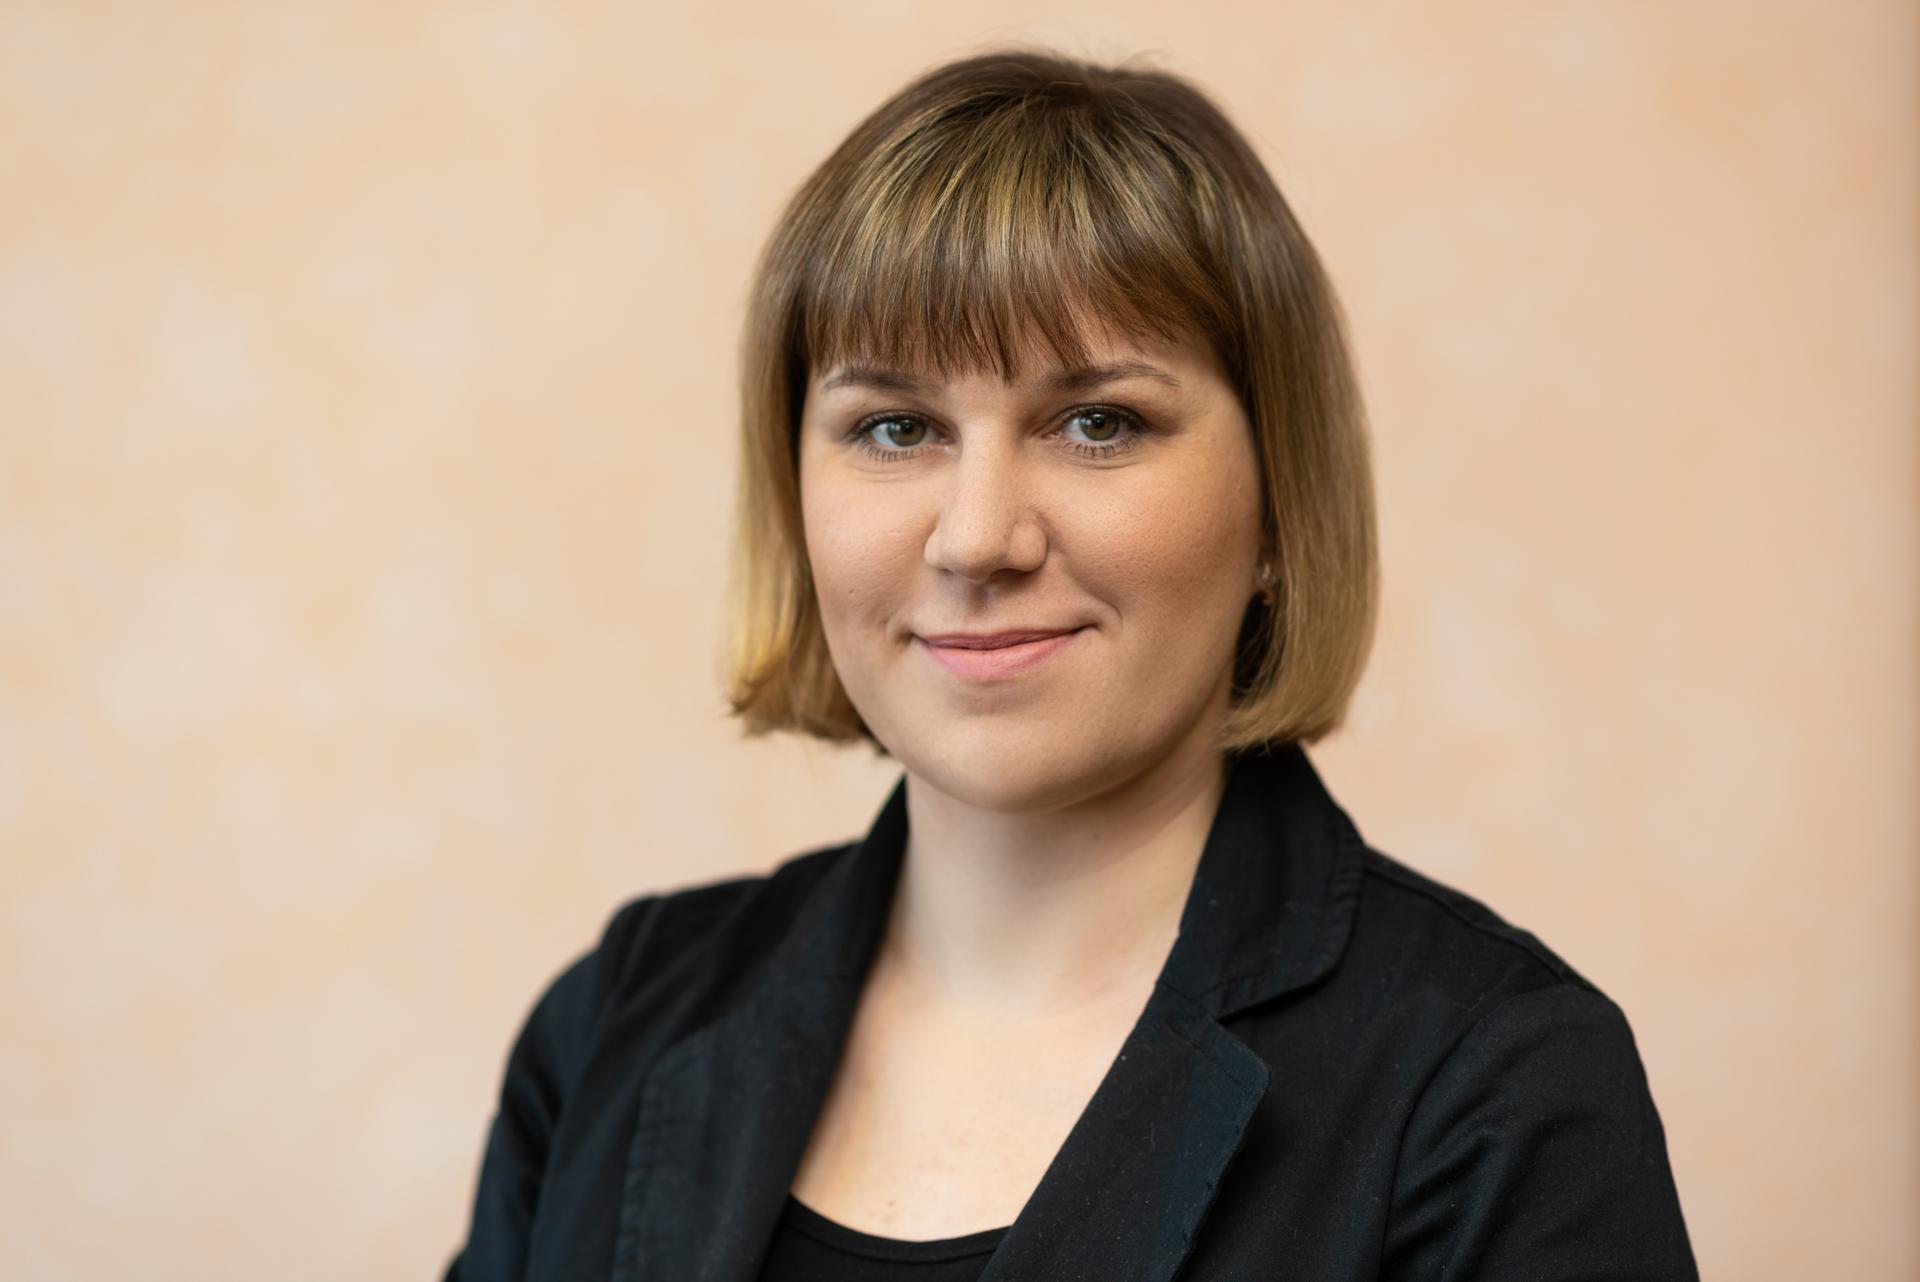 Симонова Олеся бухгалтер, стаж 12 лет